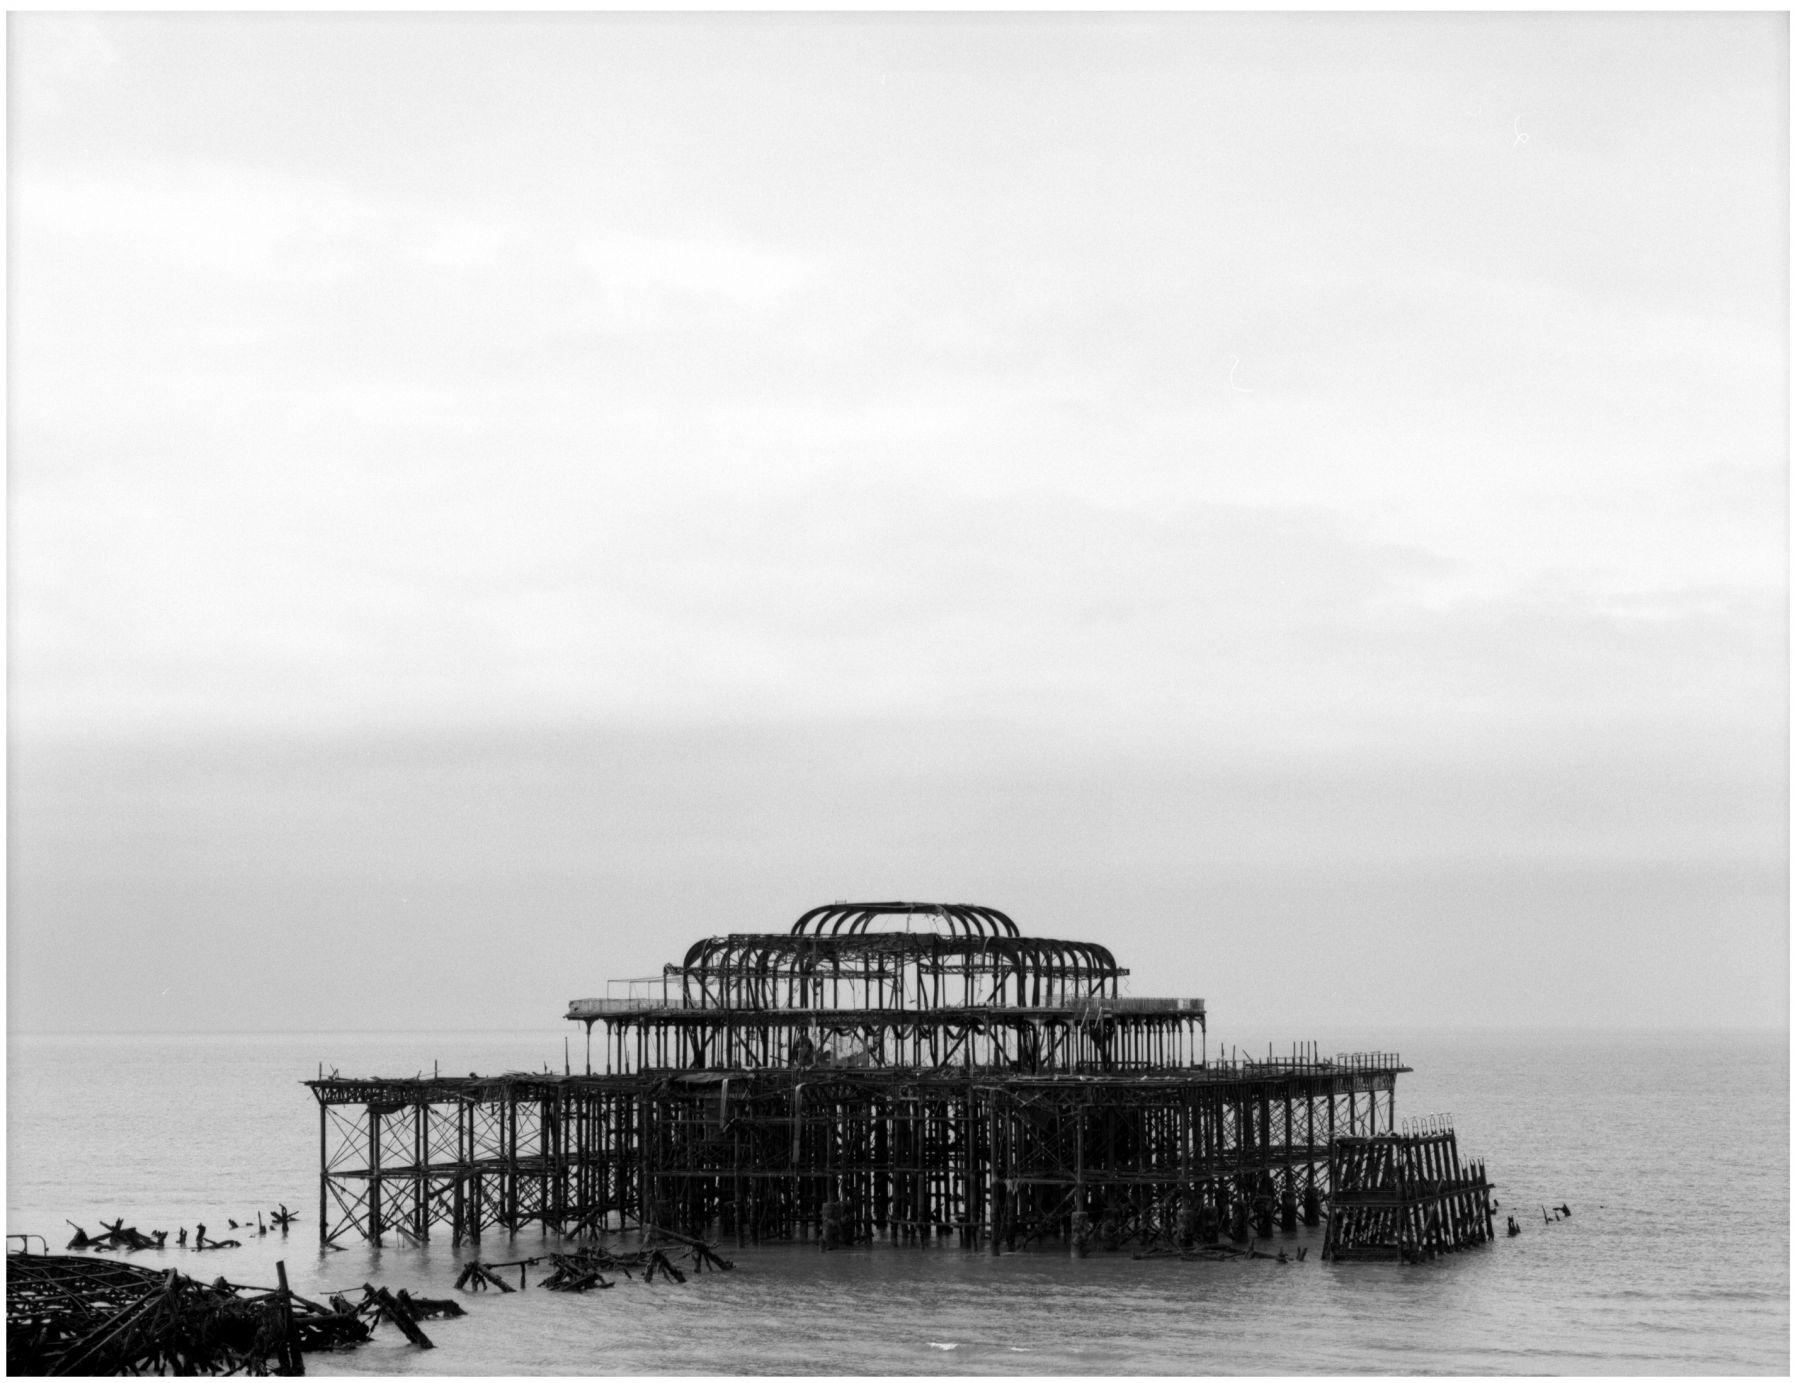 West Pier II